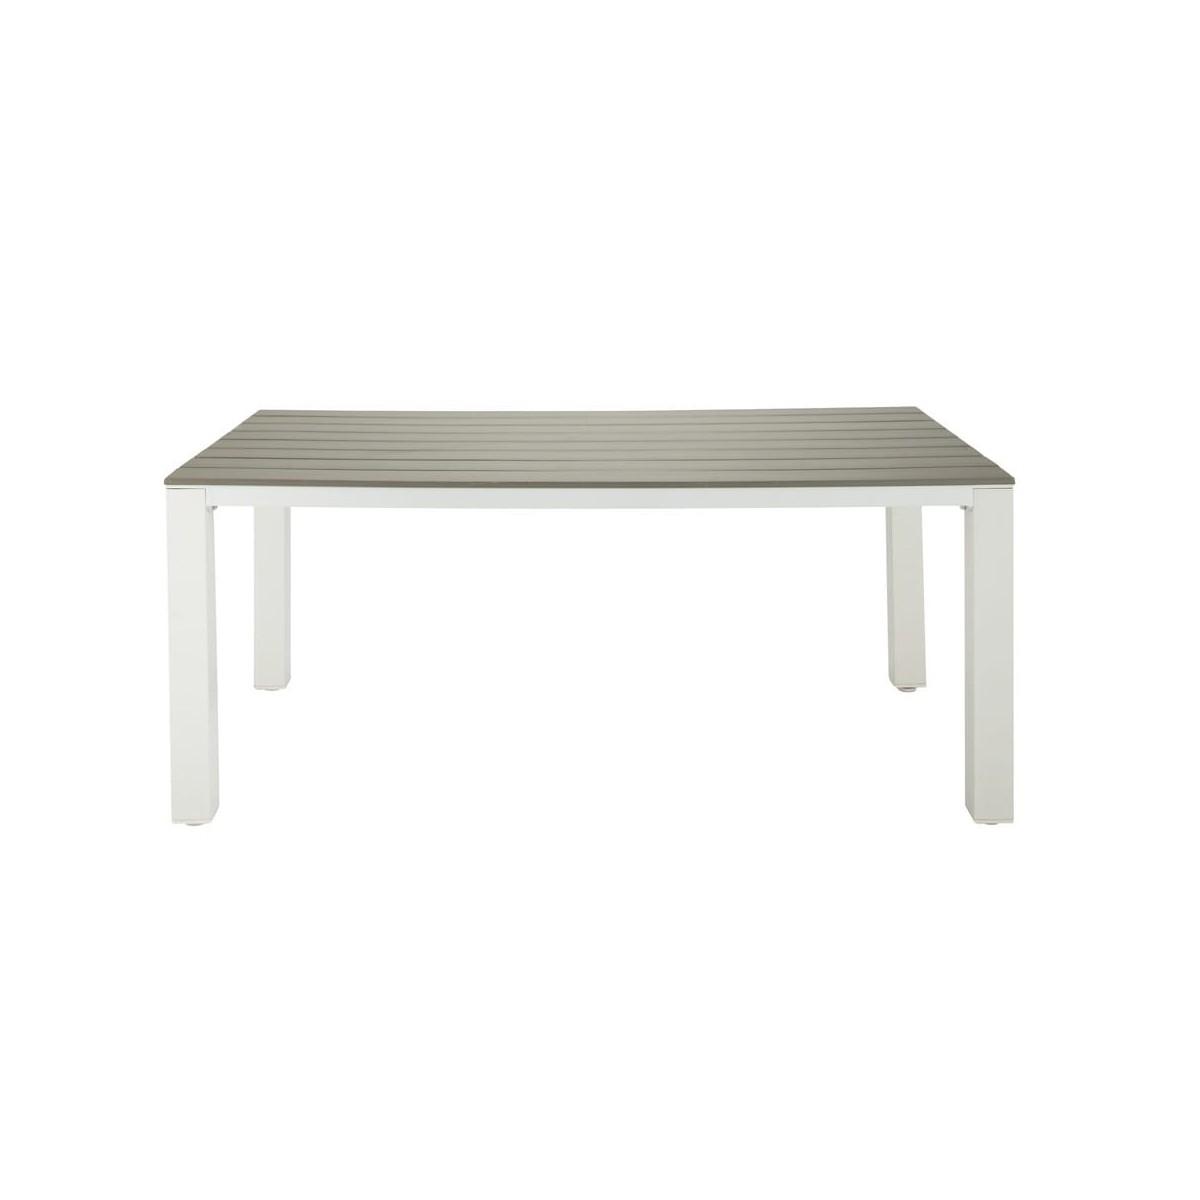 Emejing Table De Jardin En Aluminium Imitation Bois Pictures ...